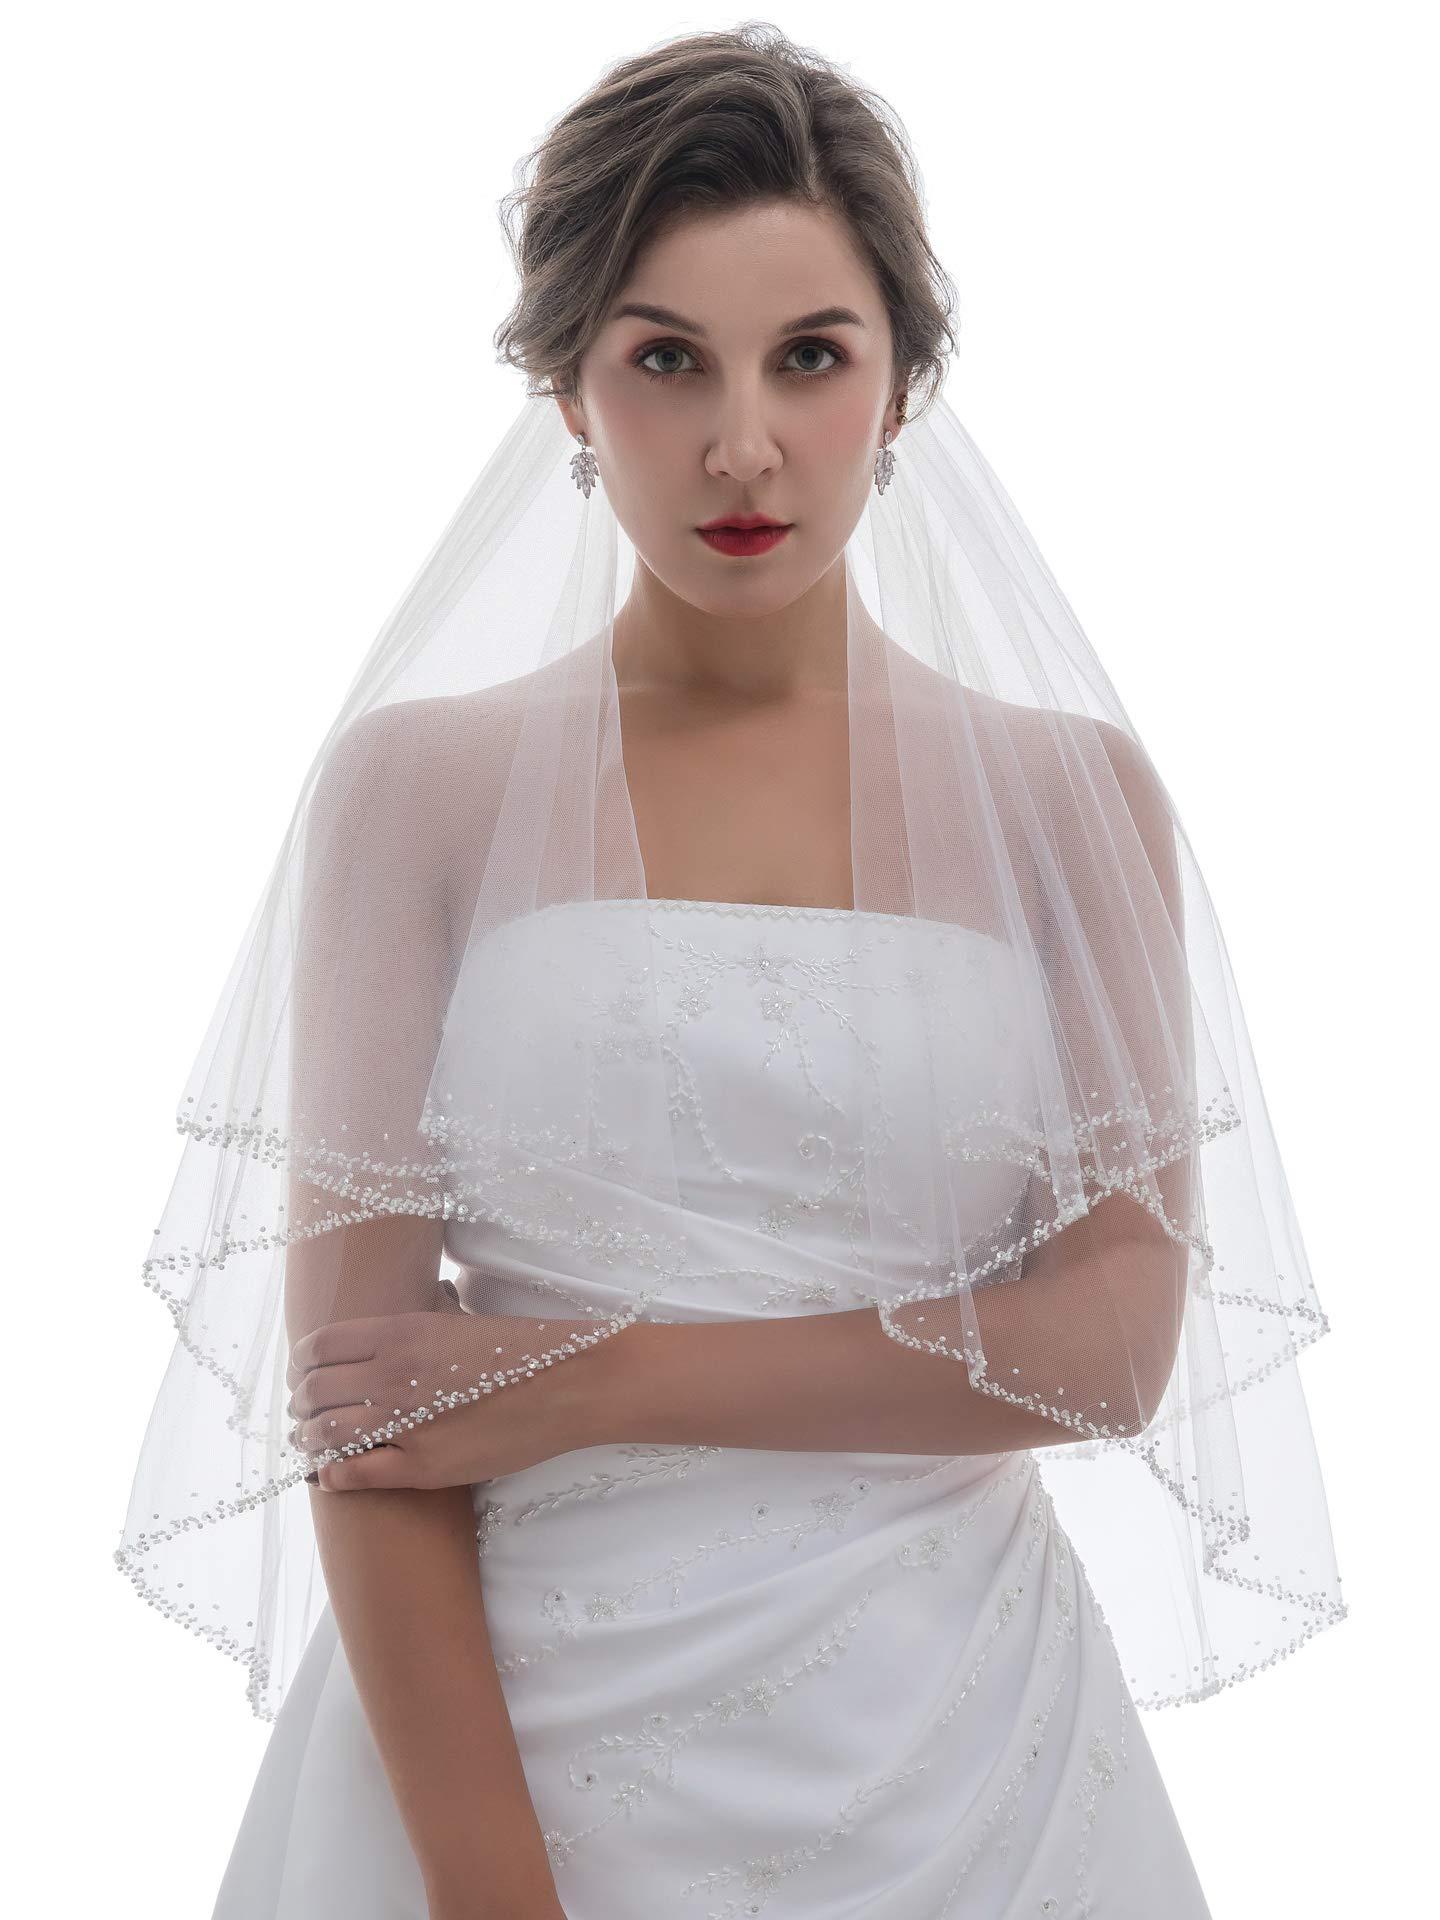 2T 2 Tier Pearl Bugle Beaded Wedding Veil V360 - White Fingertip Length 36'' by SAMKY